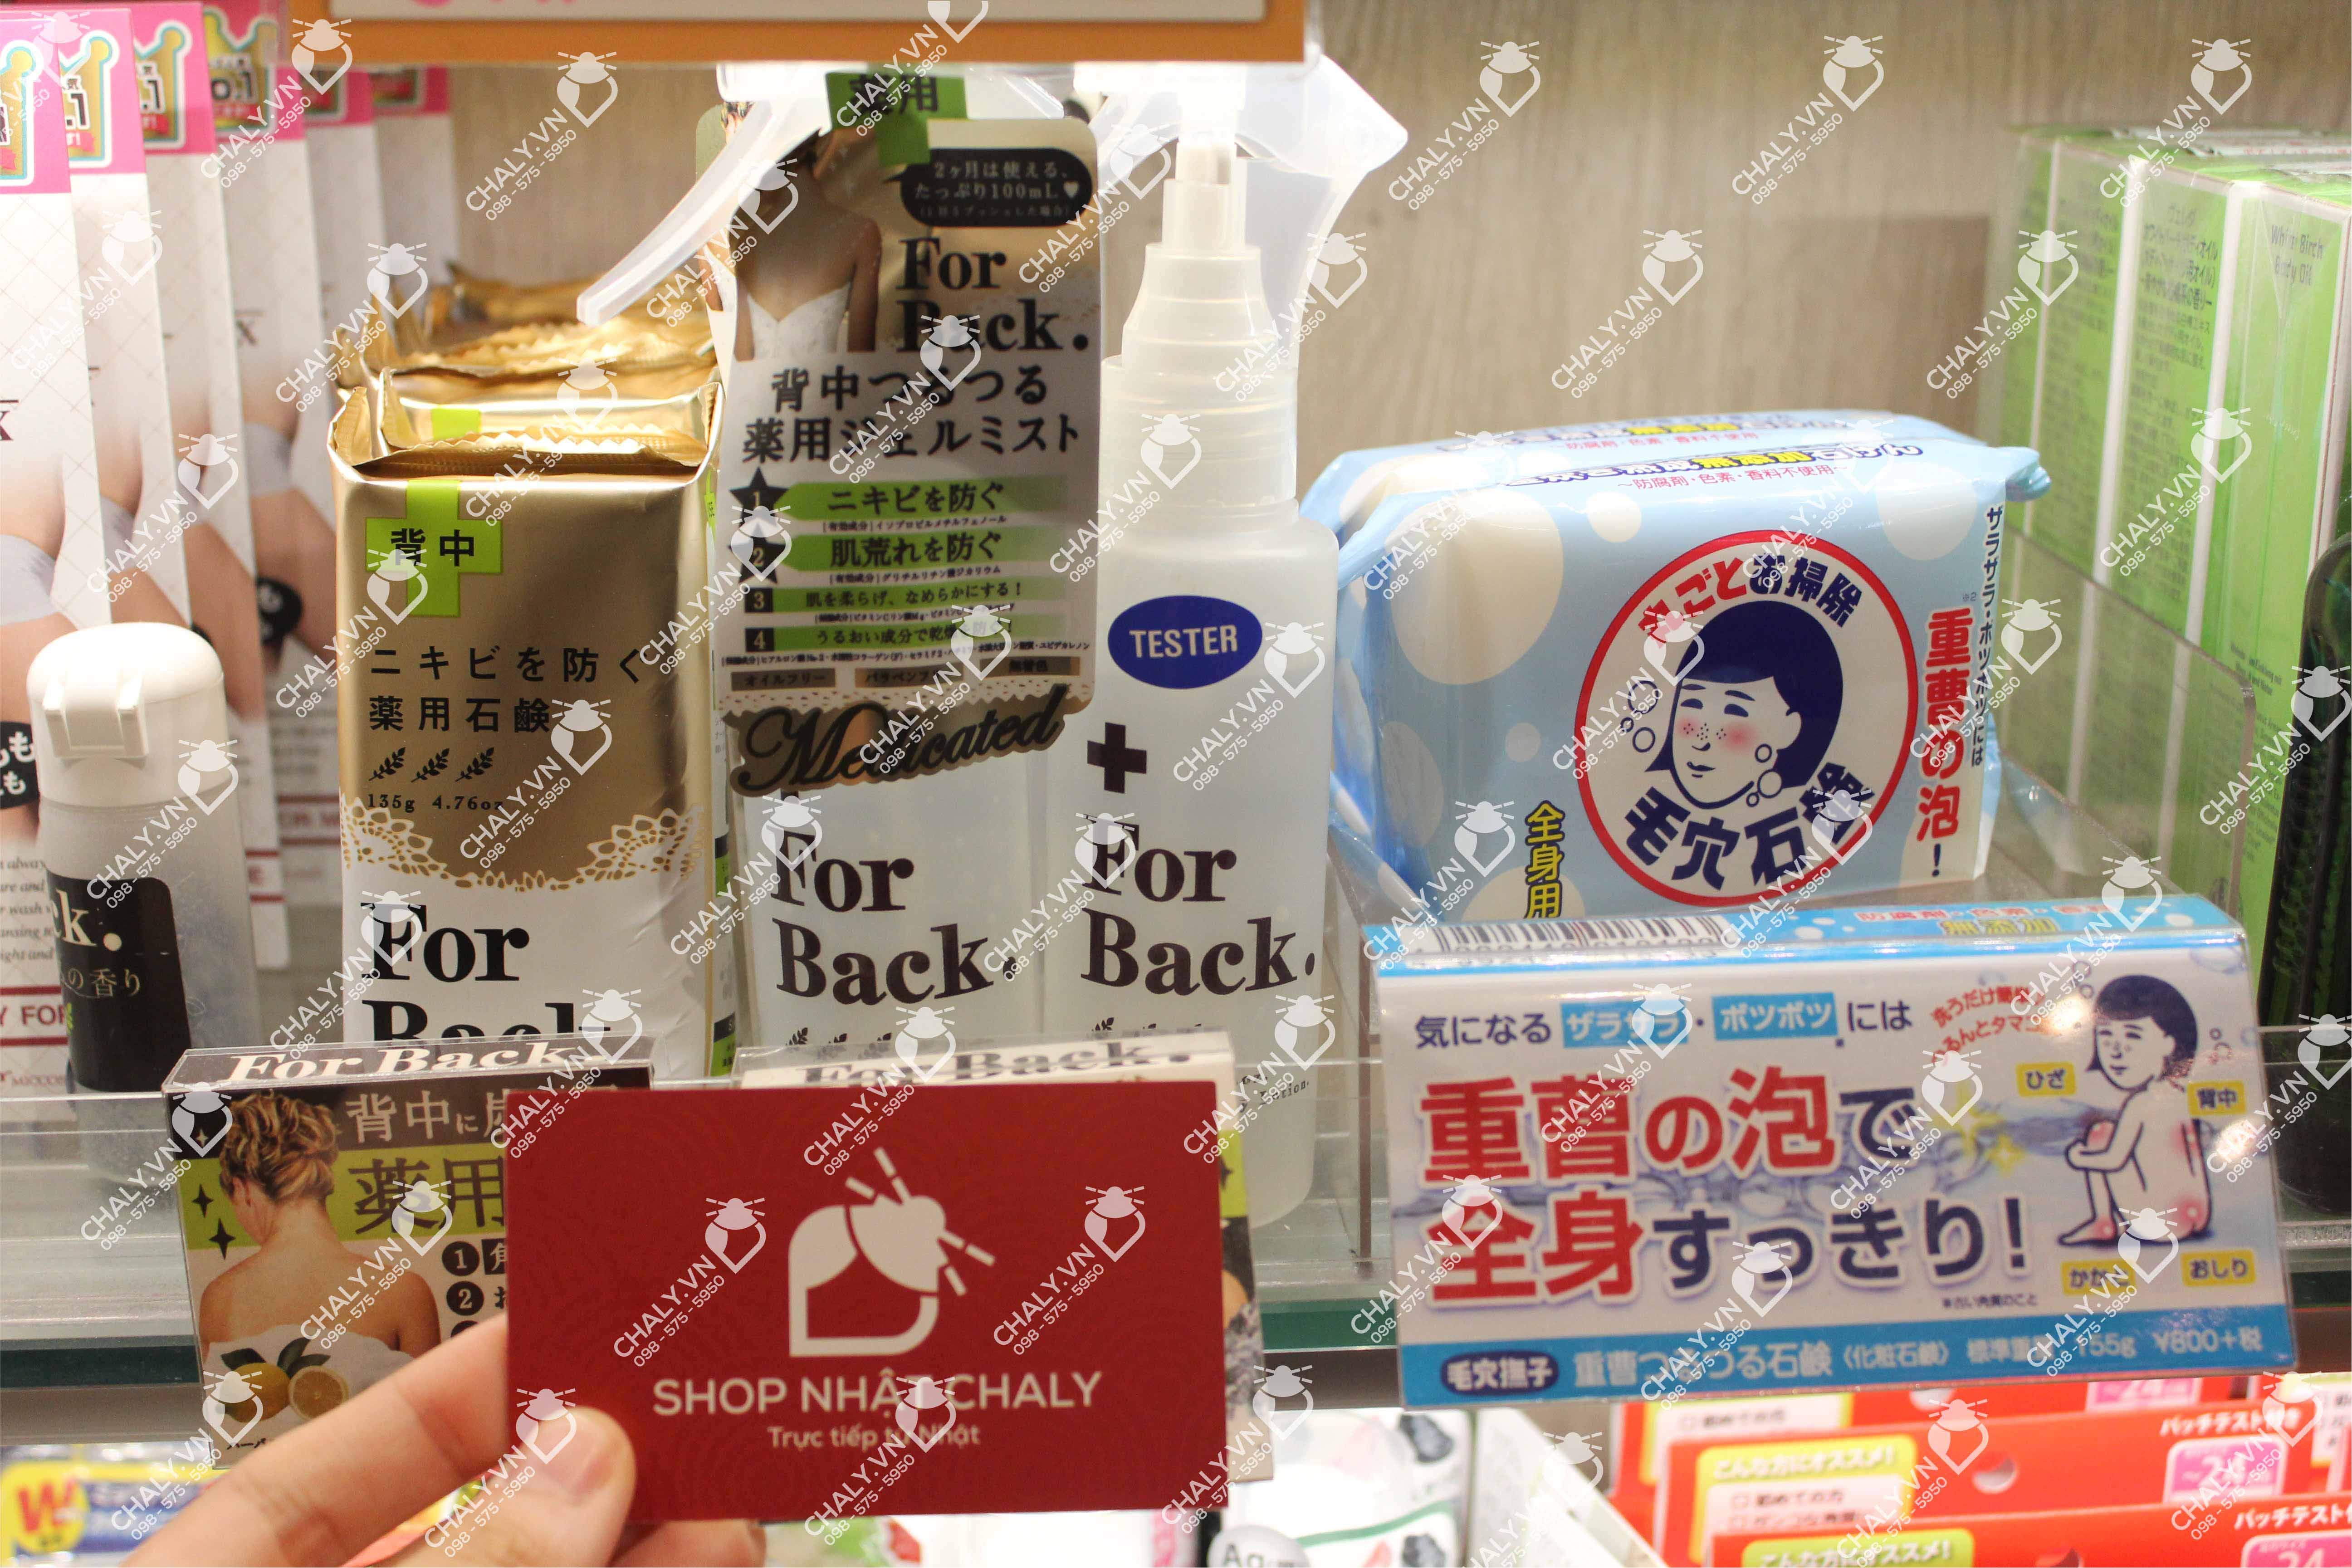 Xà phòng và lotion xịt trị mụn lưng For Back được Chaly xách tay trực tiếp từ Nhật